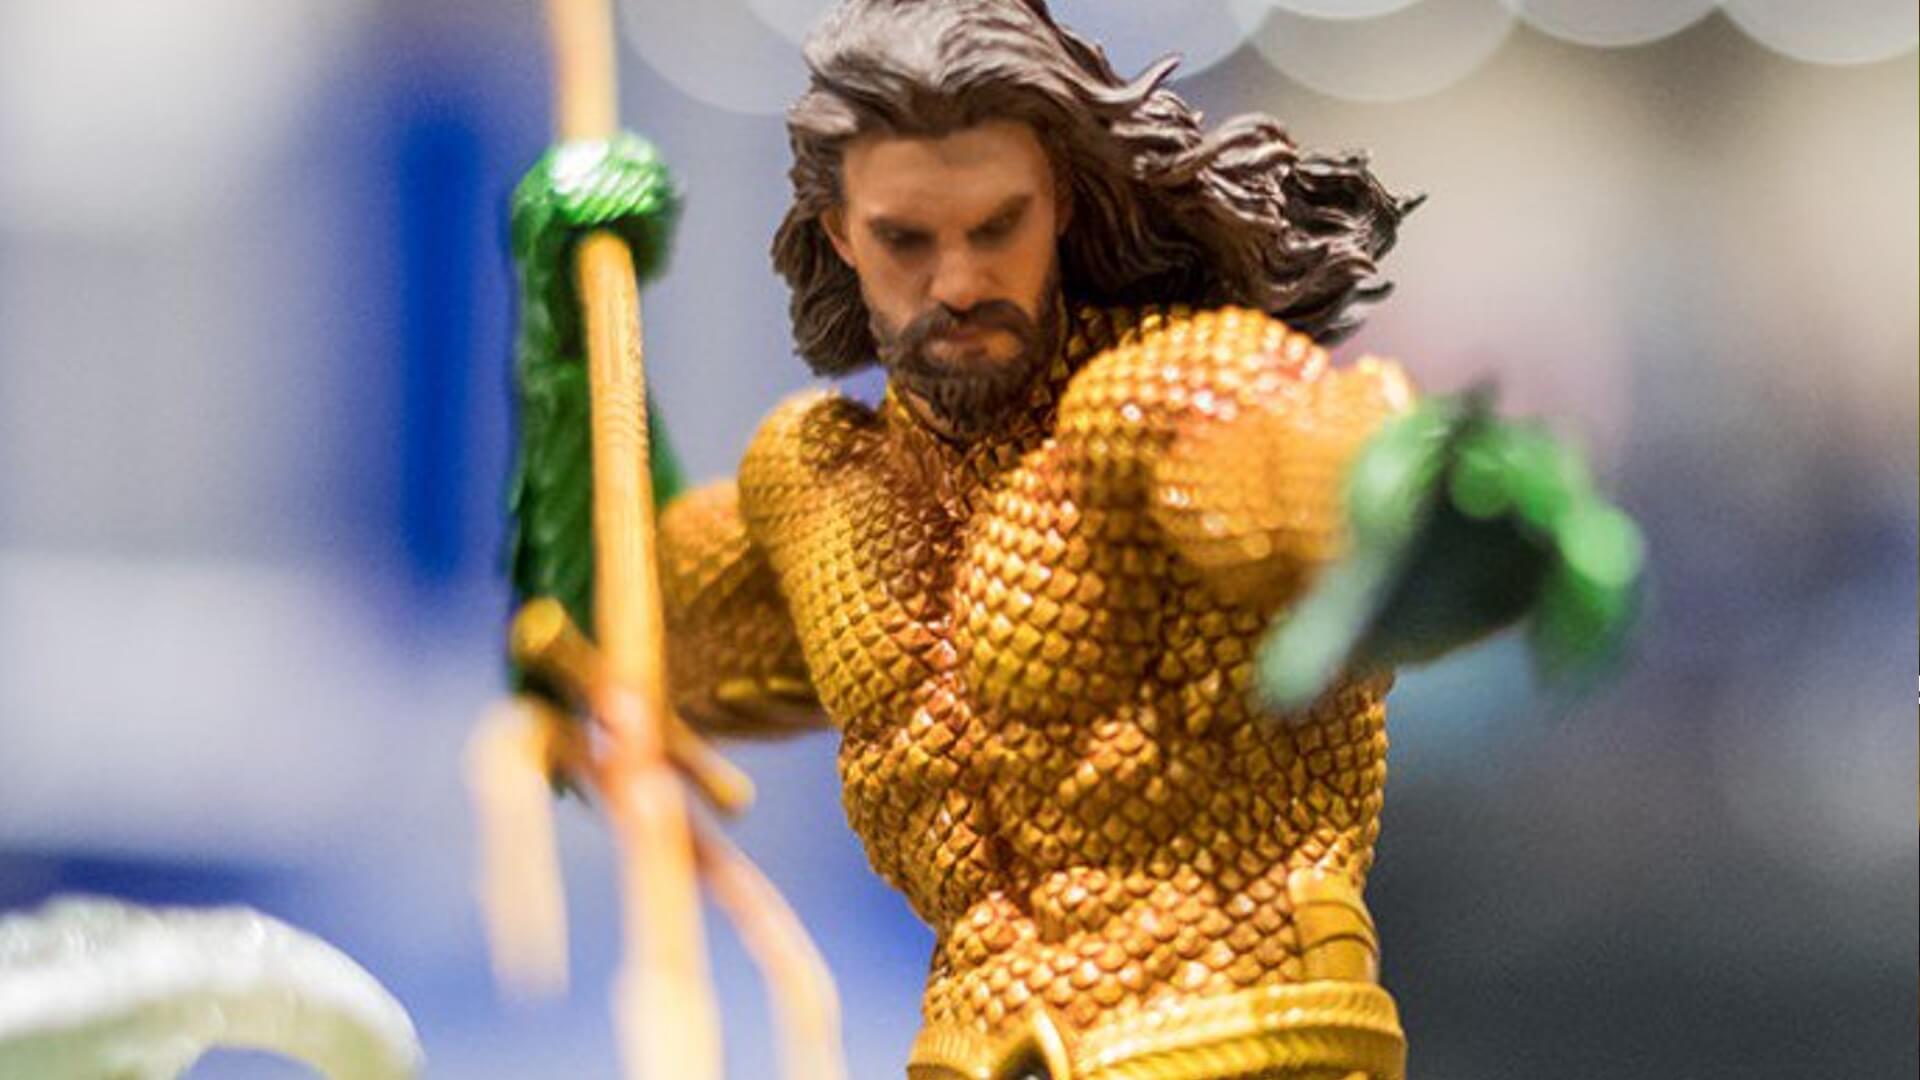 水行俠 原著中出現的經典黃綠戰袍。